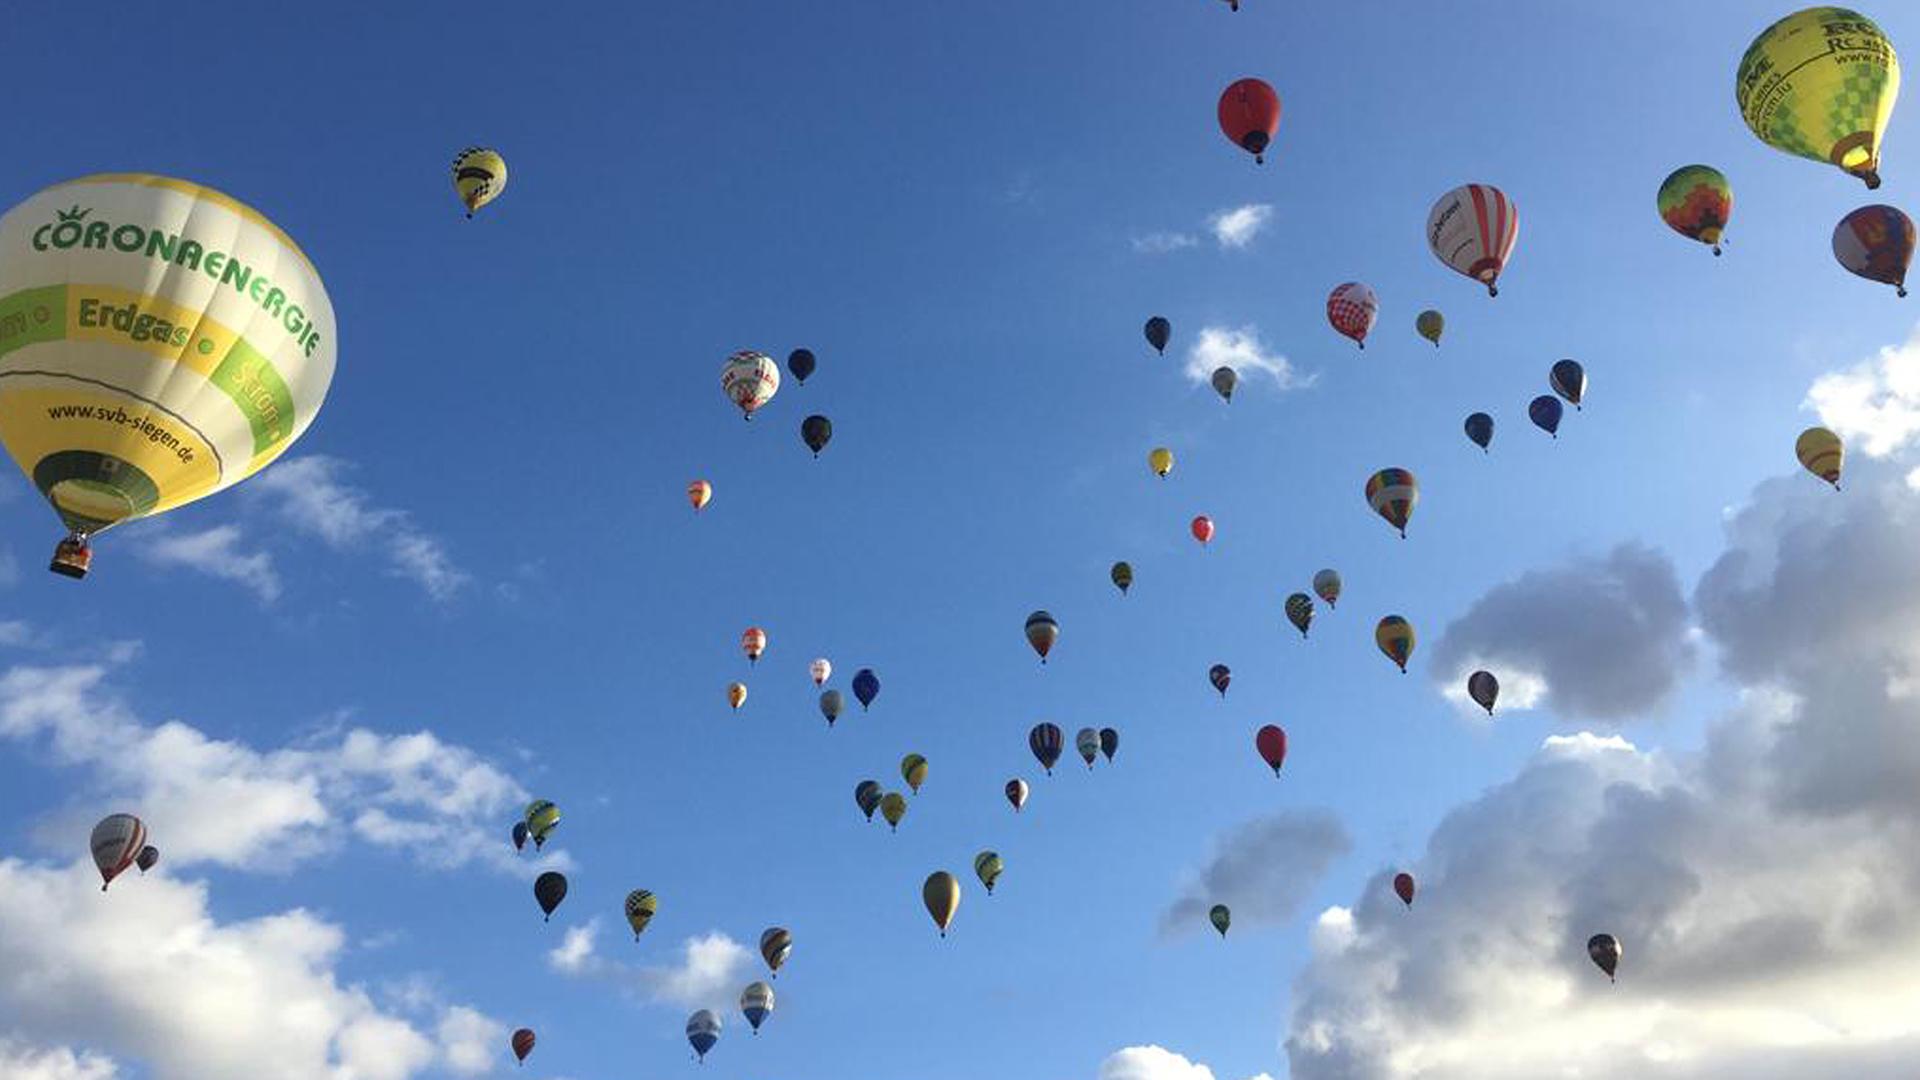 Hot air balloons in the sky mallorca